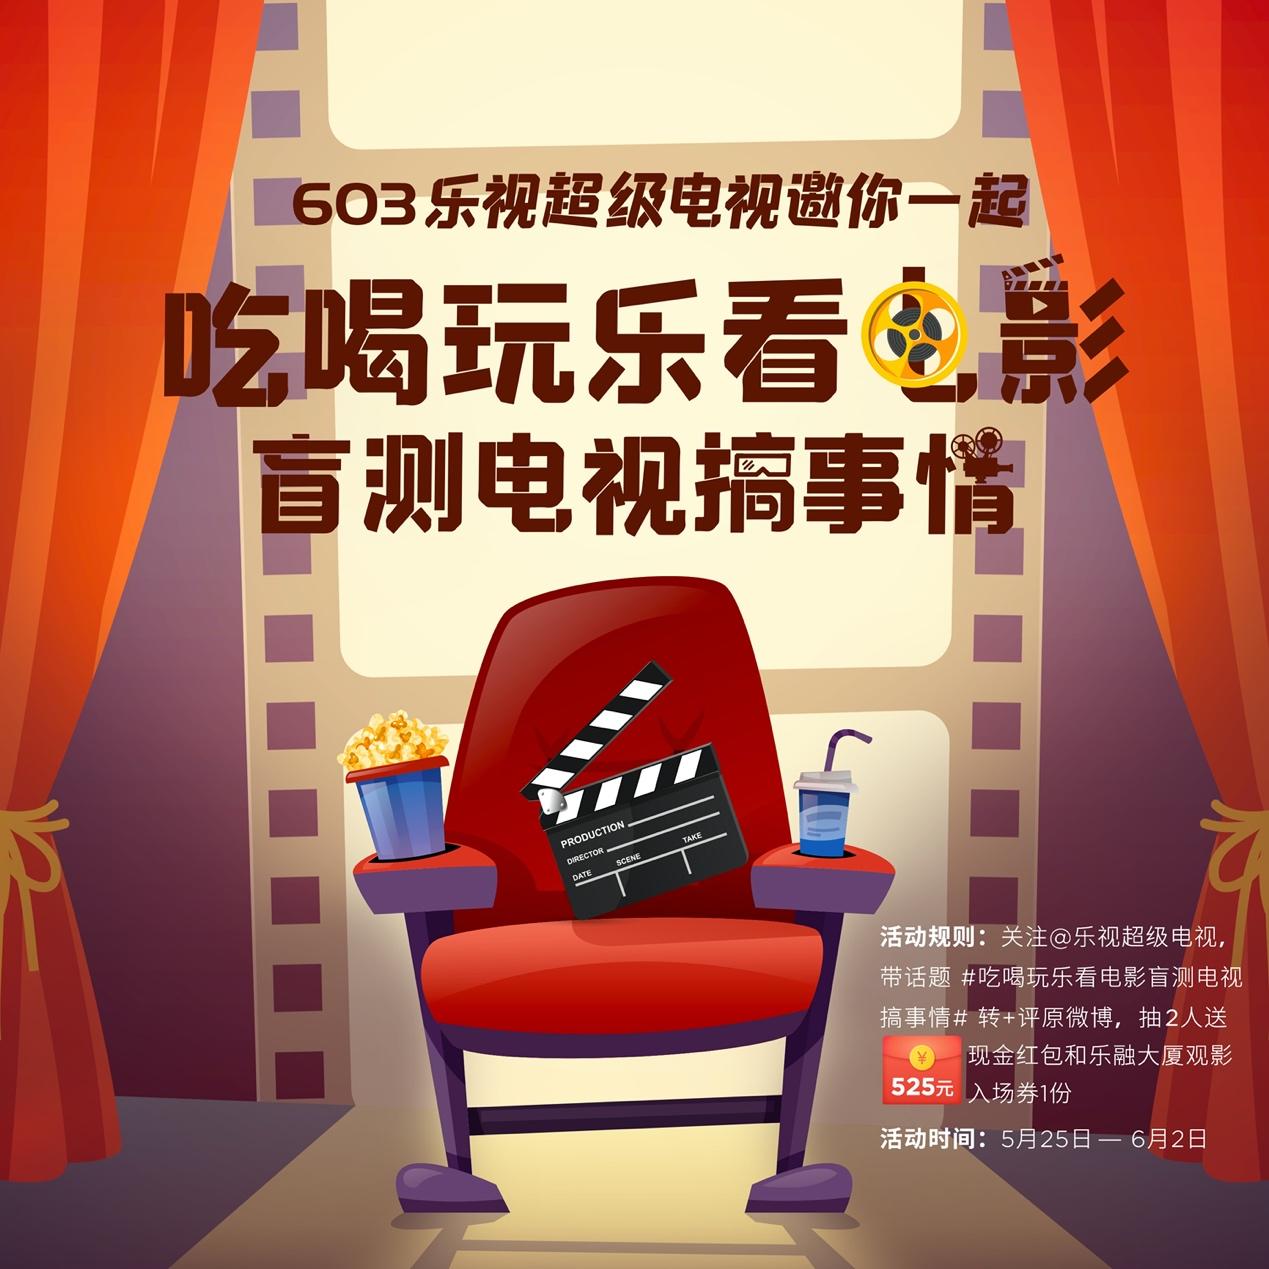 """免费吃喝还有电影看,乐视超级电视官宣的招募活动暗藏""""小心机""""-视听圈"""